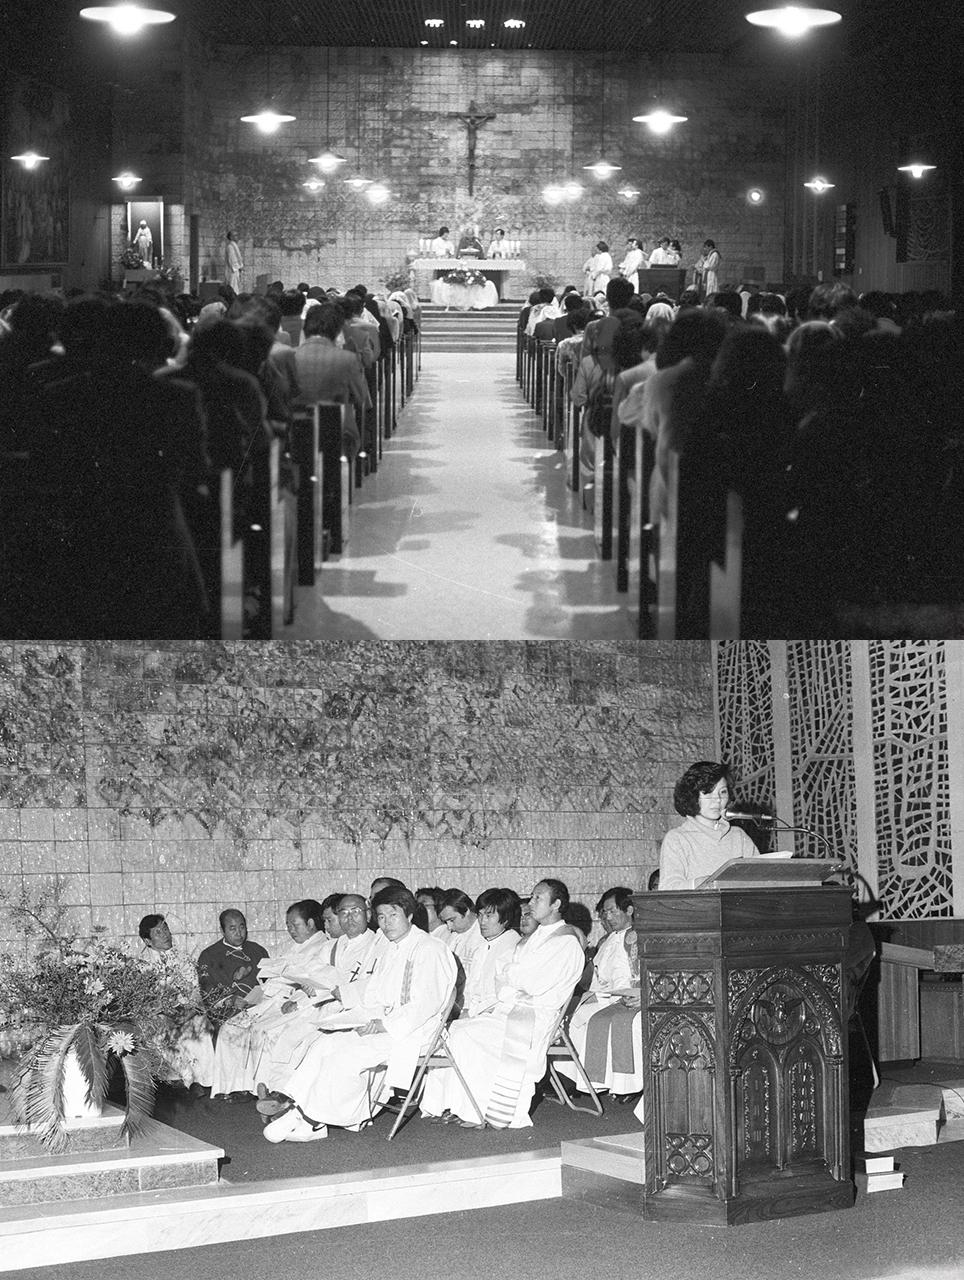 1985년 11월 8일 고문공대위 보고대회가 열린 혜화동 성당에서 열린 미사와 보고대회 전경